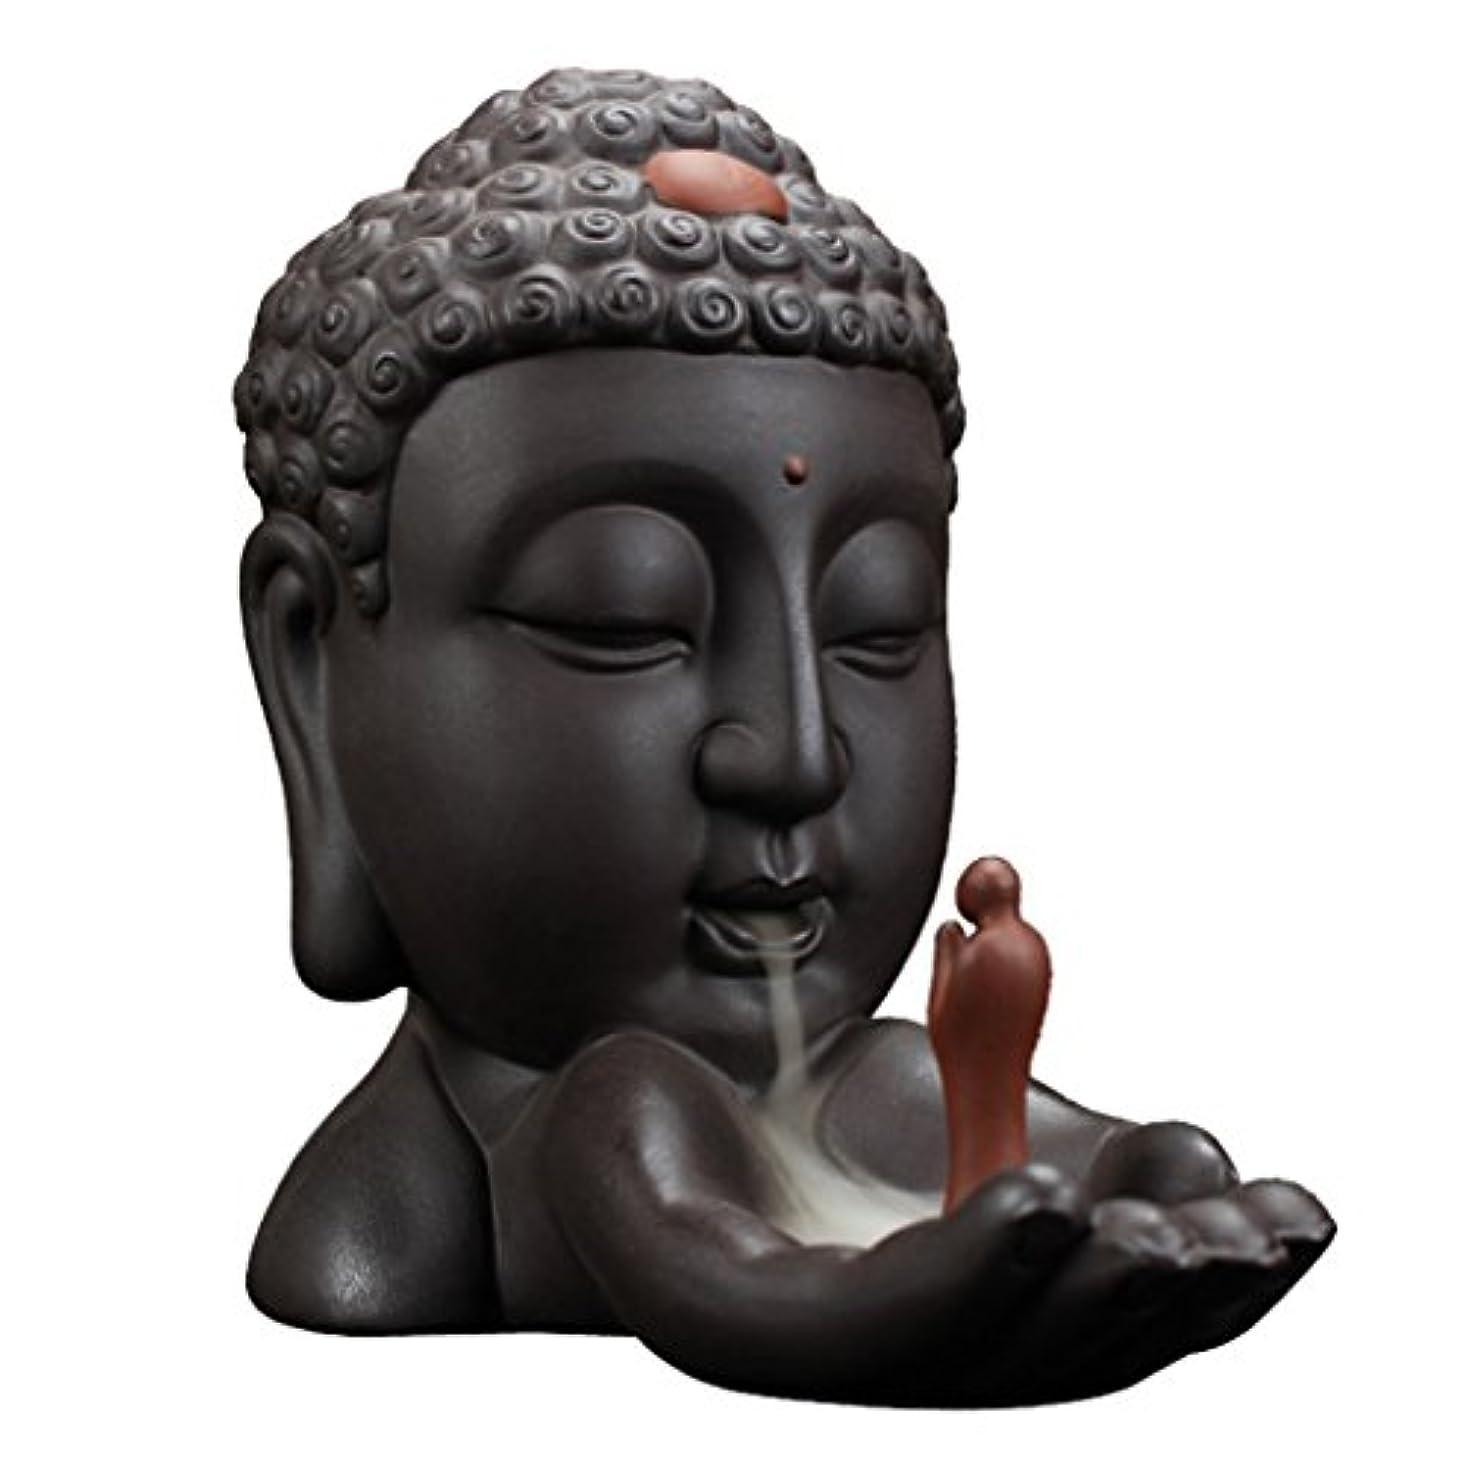 通知する背骨部分的に仏教 香のバーナー セラミック スティック コーン ホルダー 逆流 バーナー 香炉